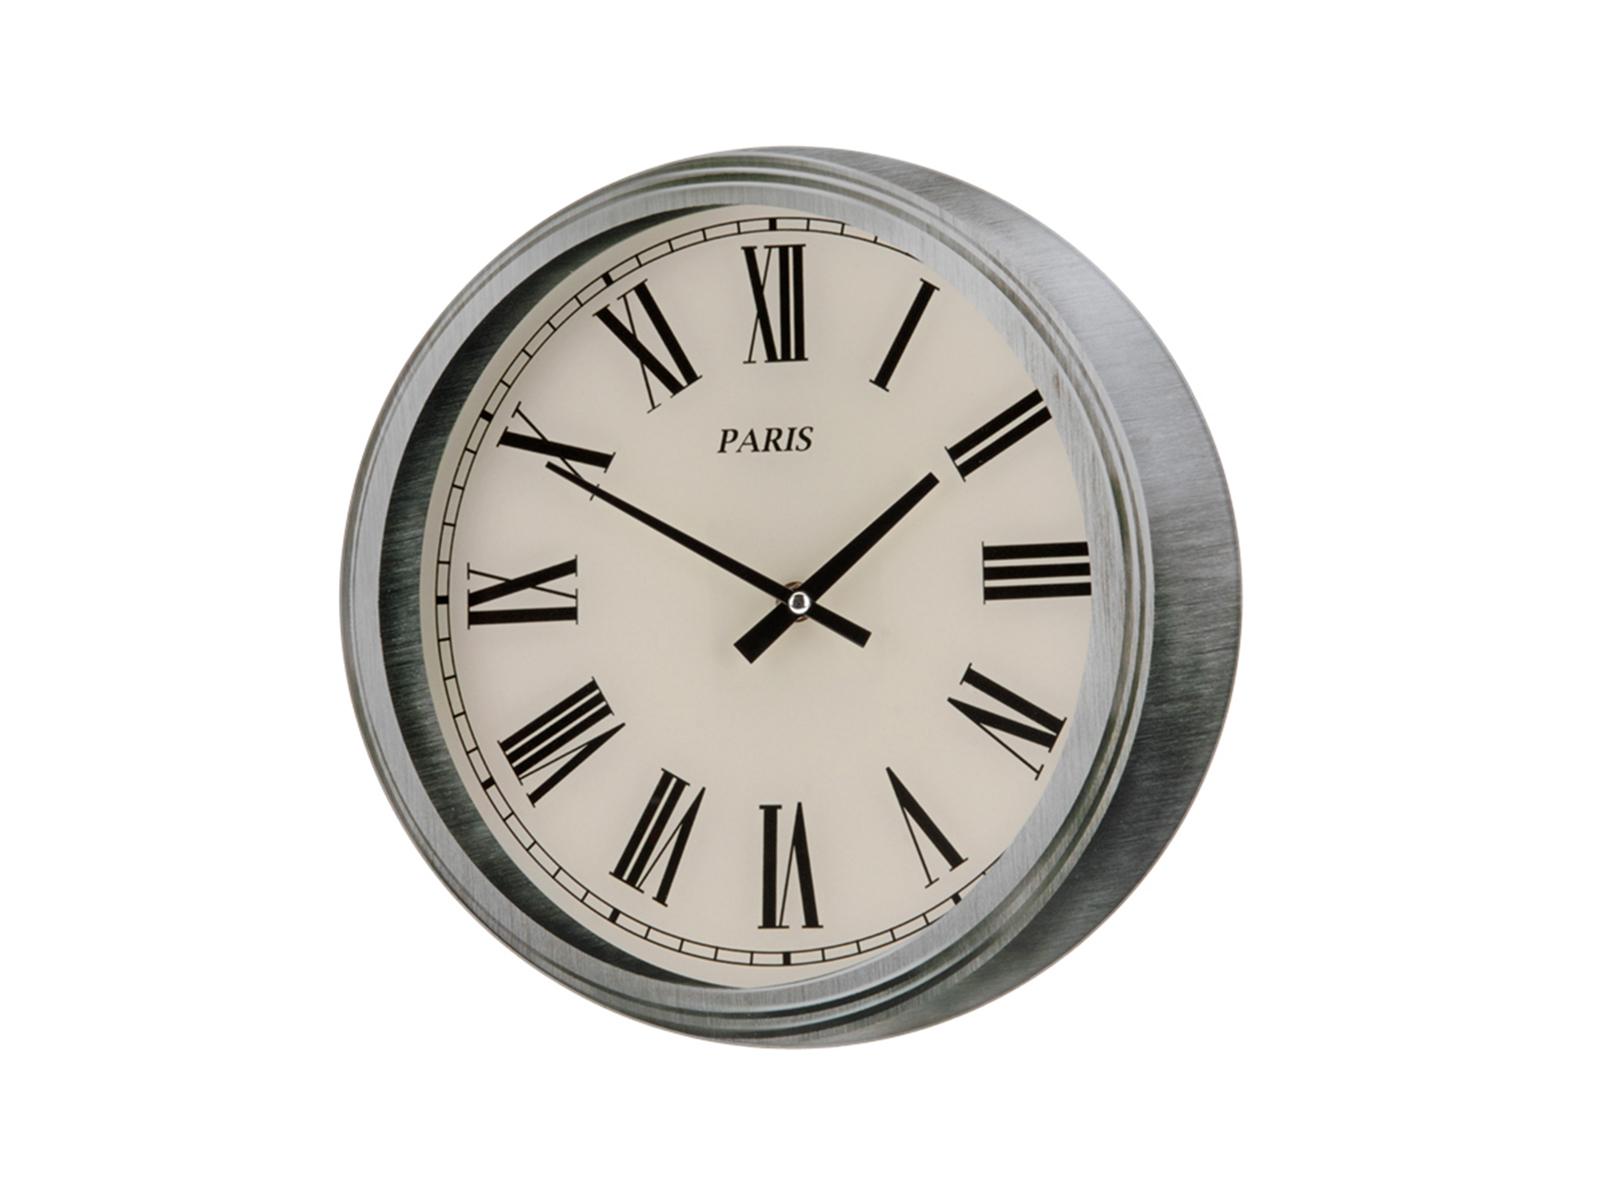 Часы Paris Y49200100_1 ОГОГО Обстановочка!